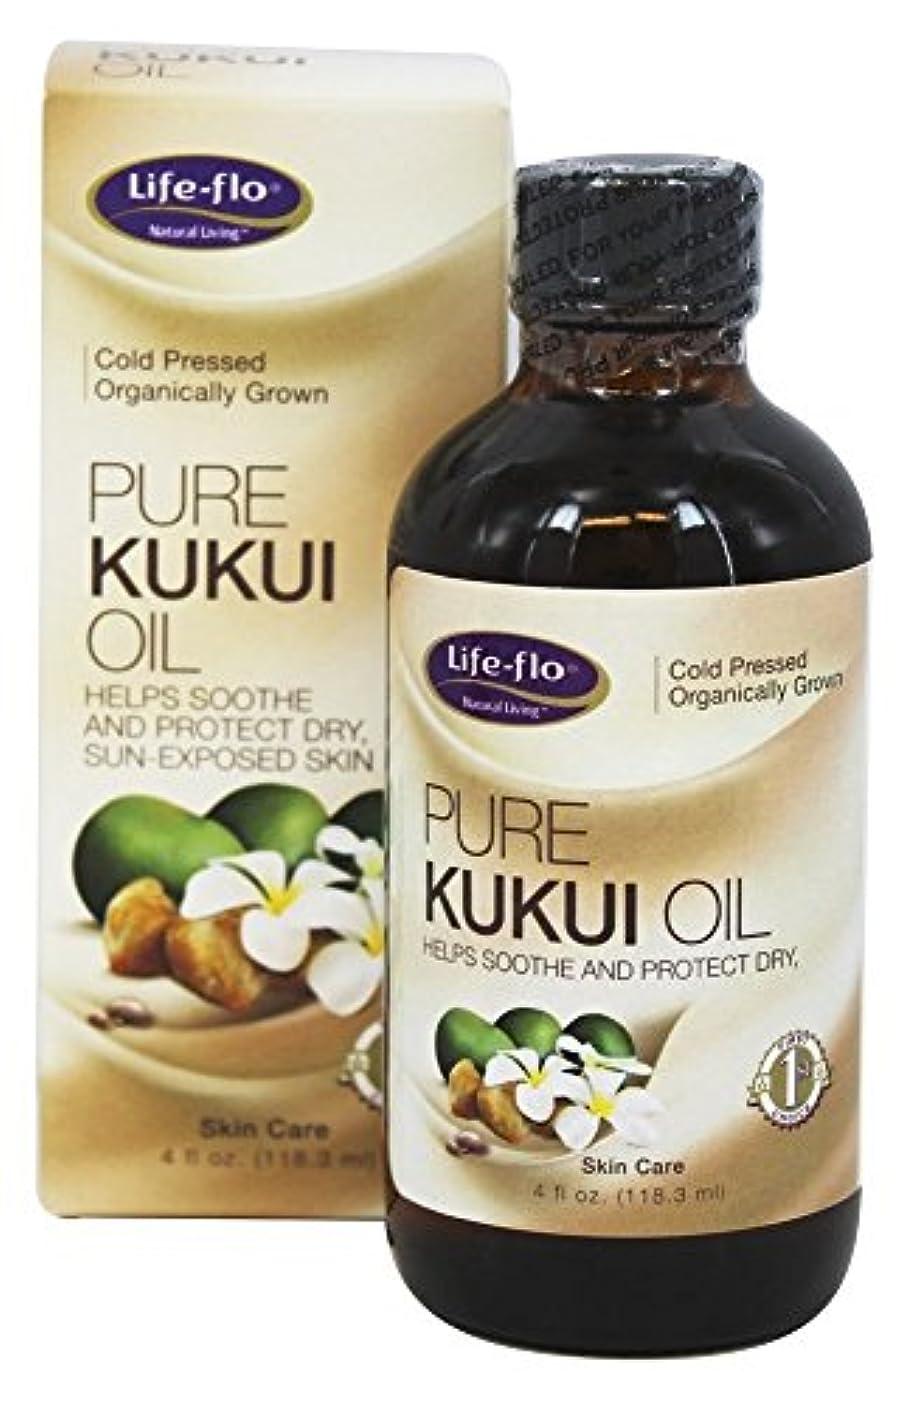 あからさま覚えている化石Life-Flo - Pure Kukuiオイル - 4ポンド [並行輸入品]